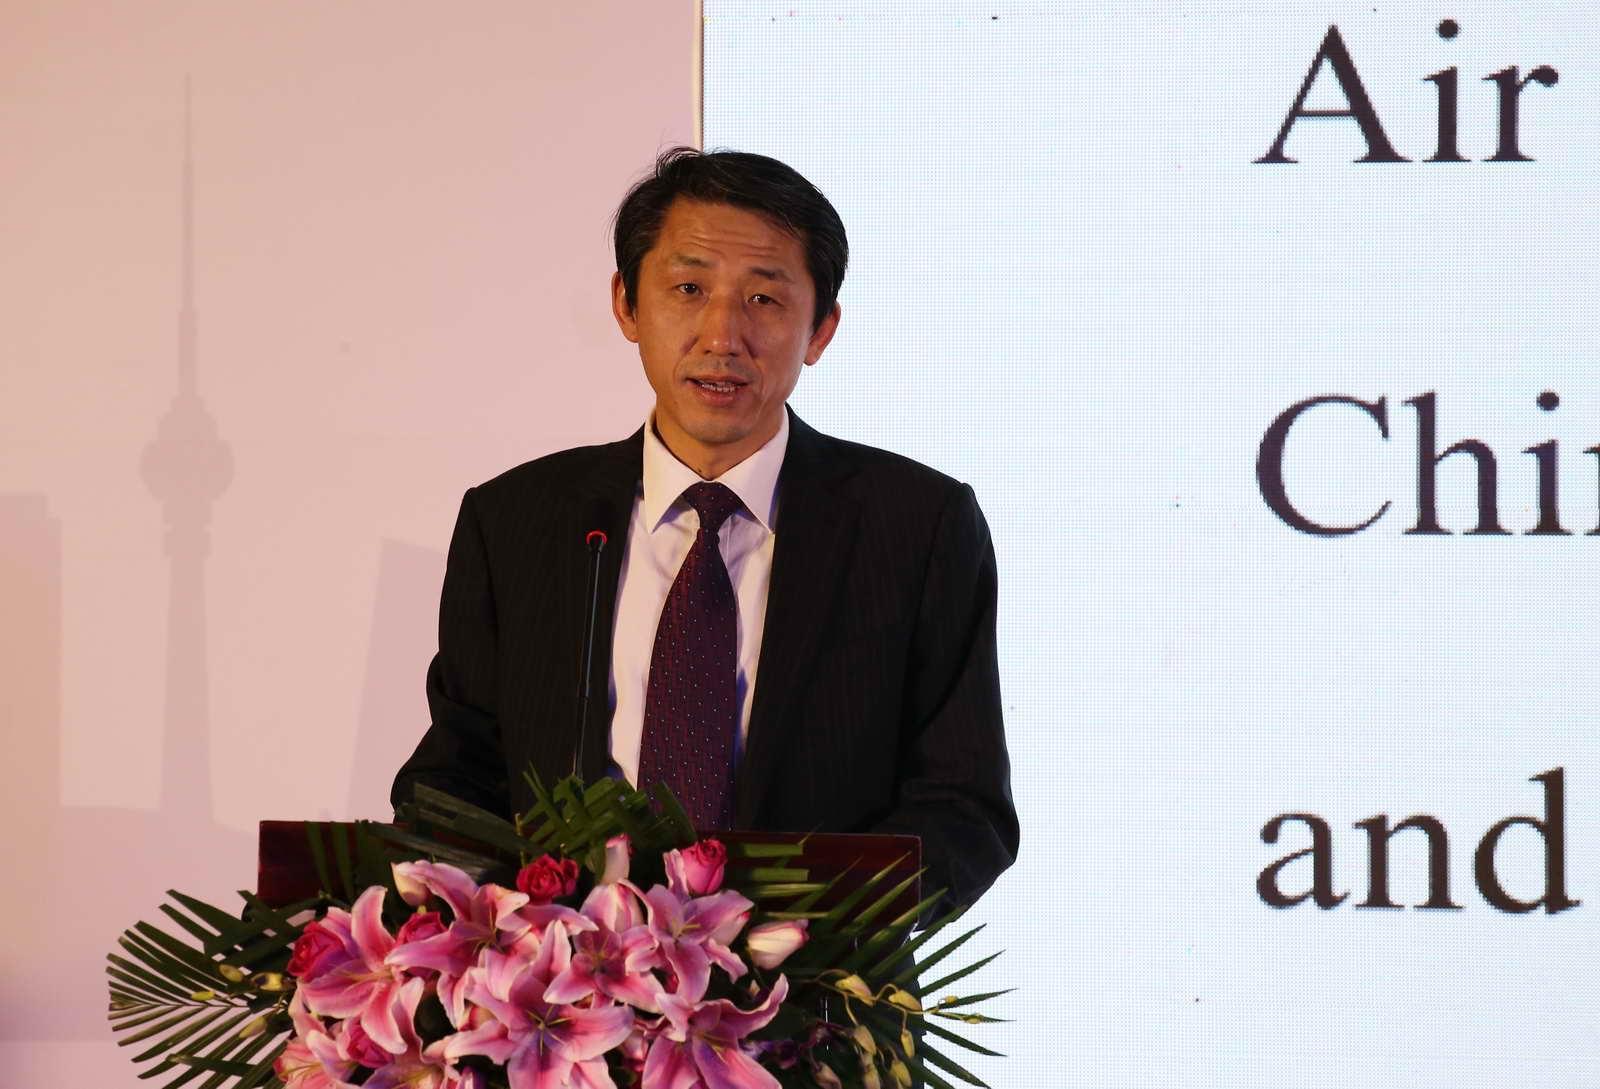 中国航空集团公司副总经理侯绪伦致辞